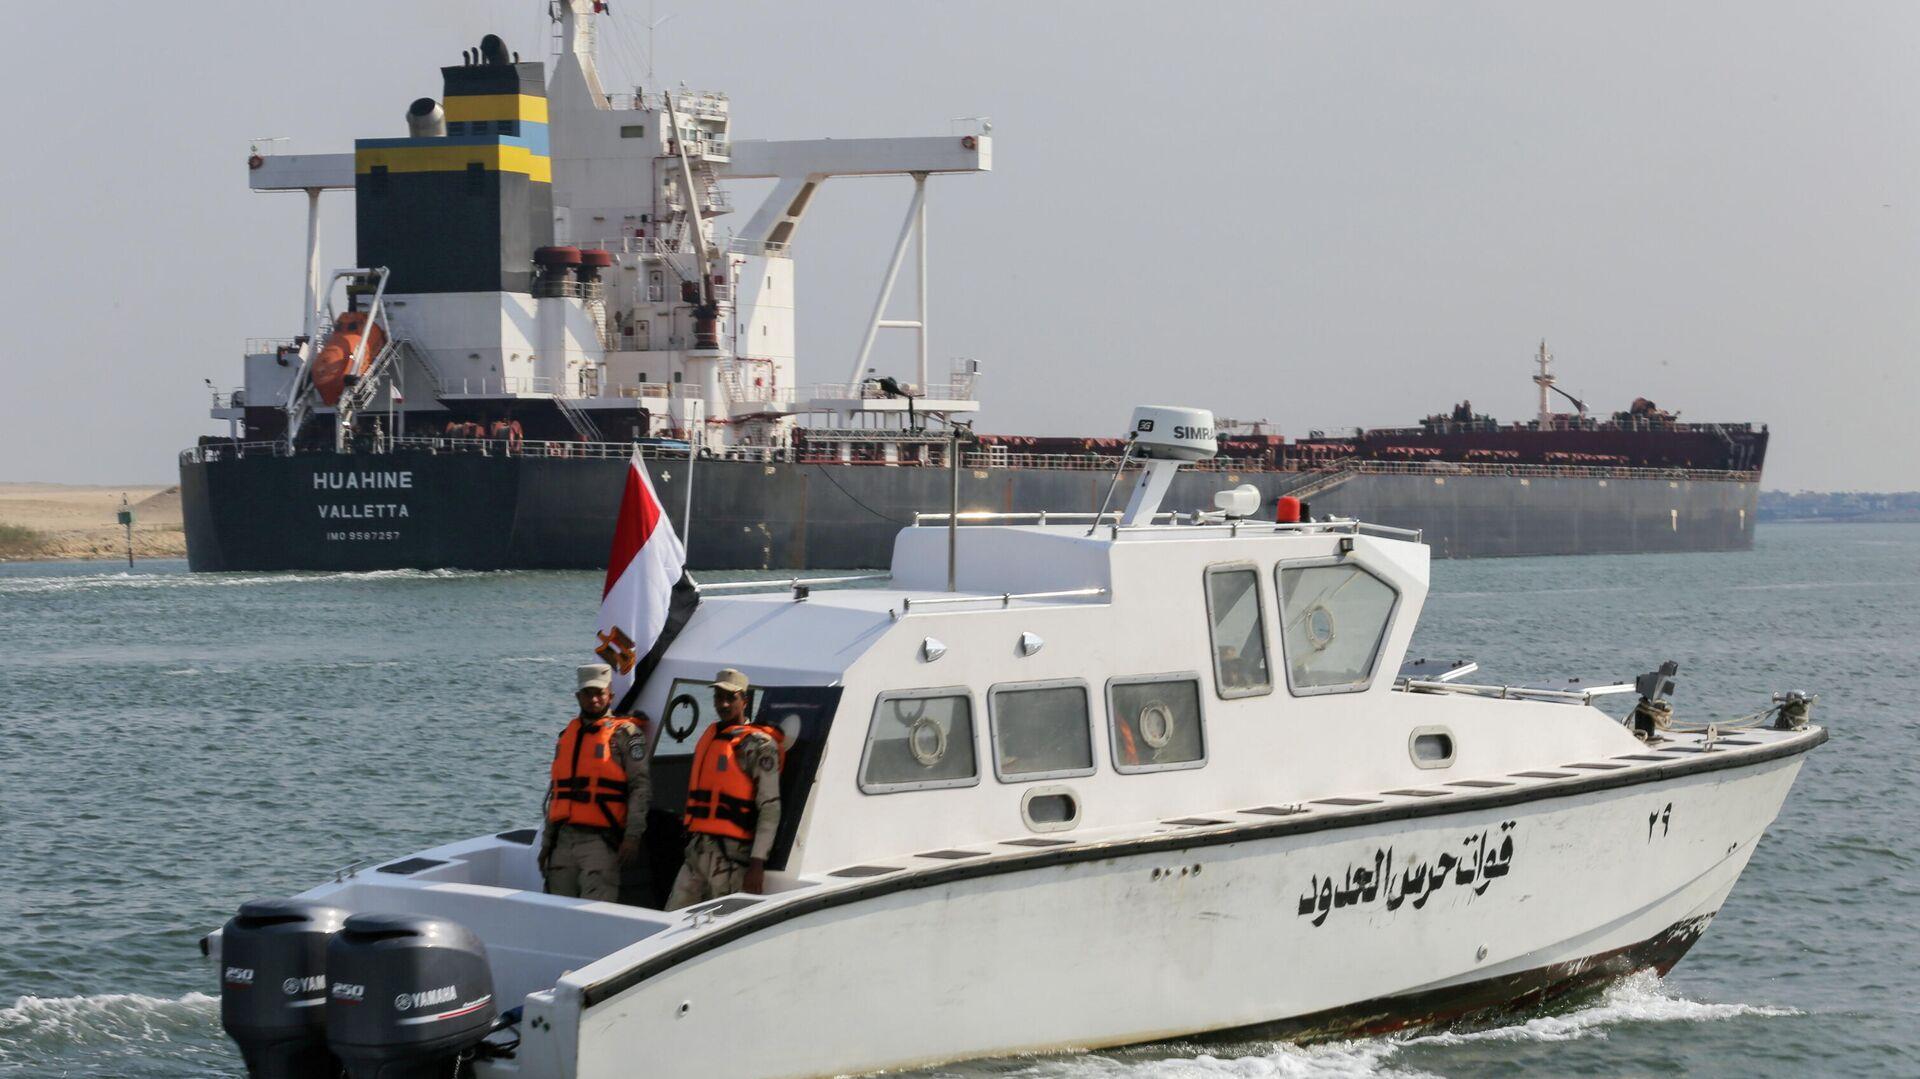 Schiffsverkehr im Suezkanal, 30. März 2021 - SNA, 1920, 03.04.2021